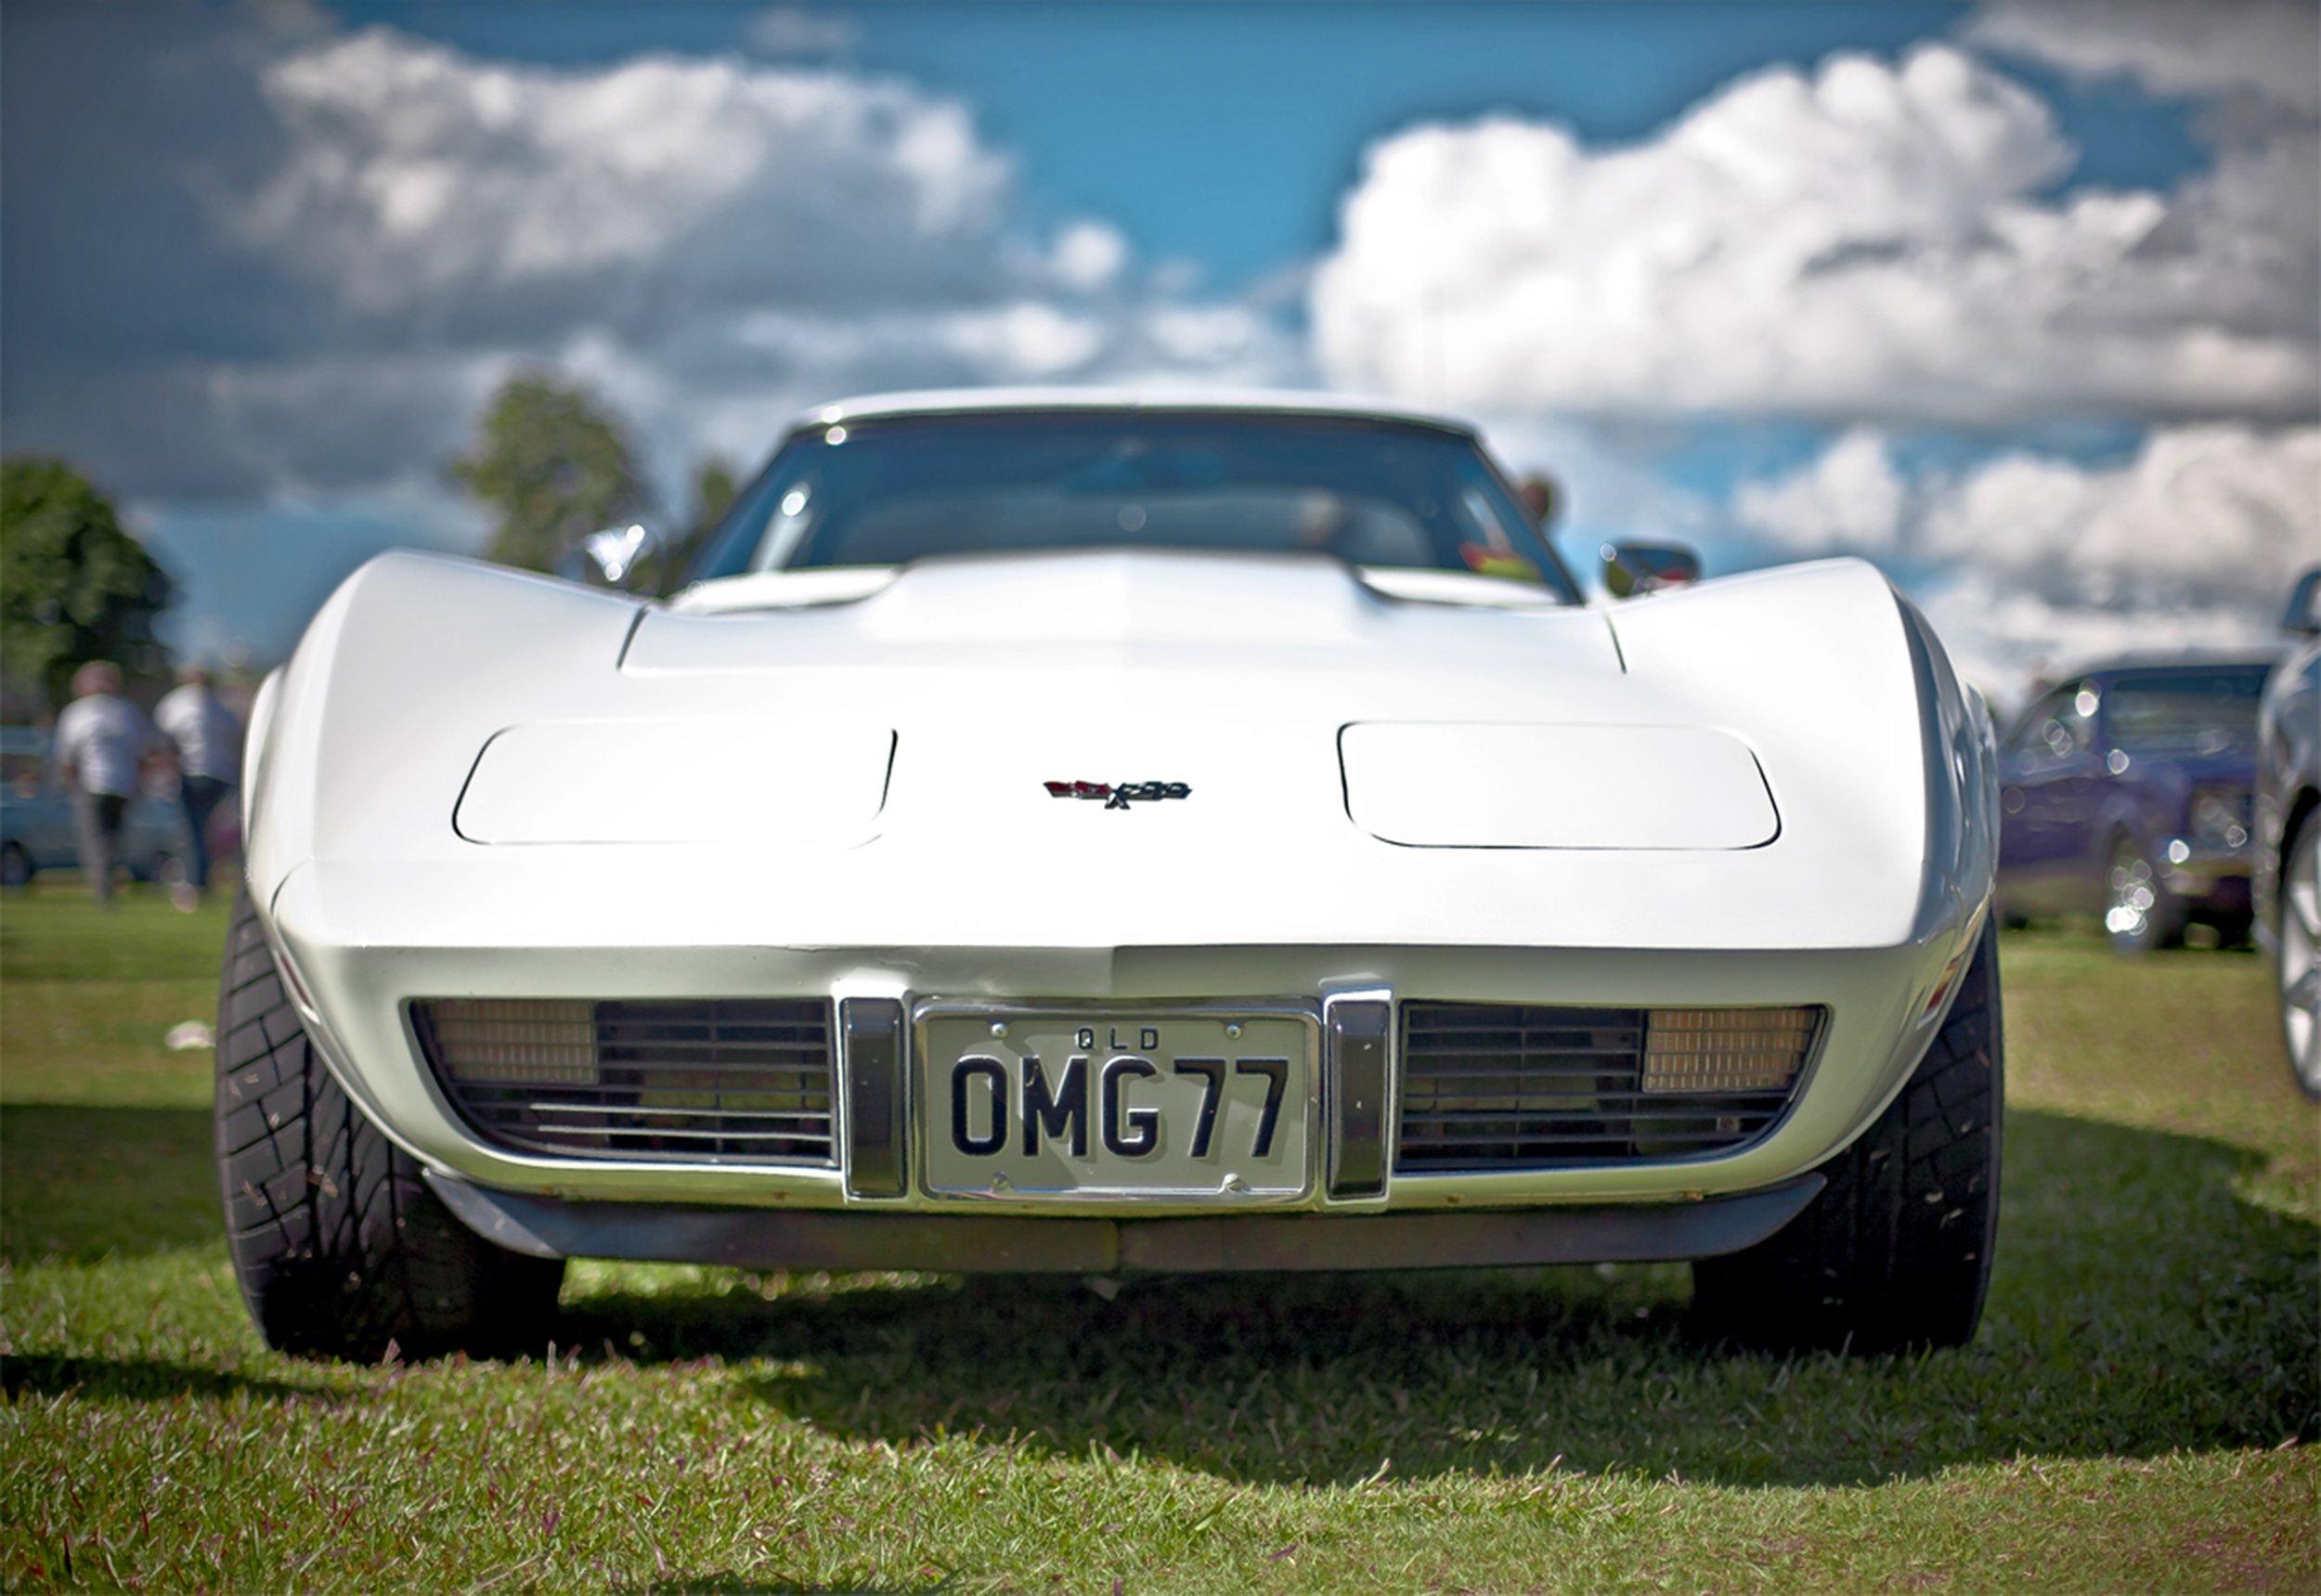 automobiles-automotive-blur-67546.jpg